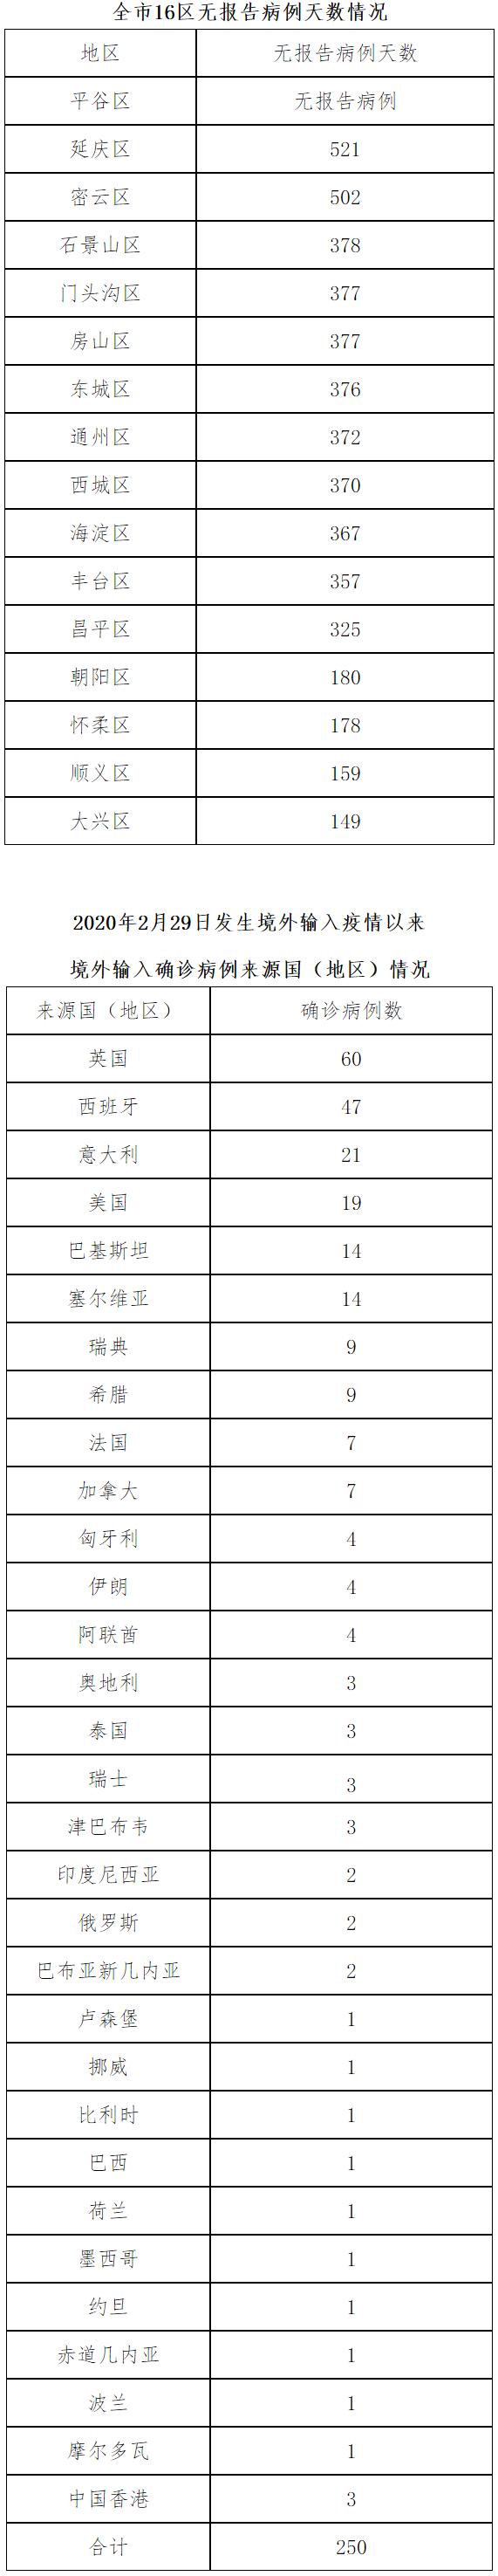 北京6月27日新增1例境外输入确诊病例 治愈出院2例